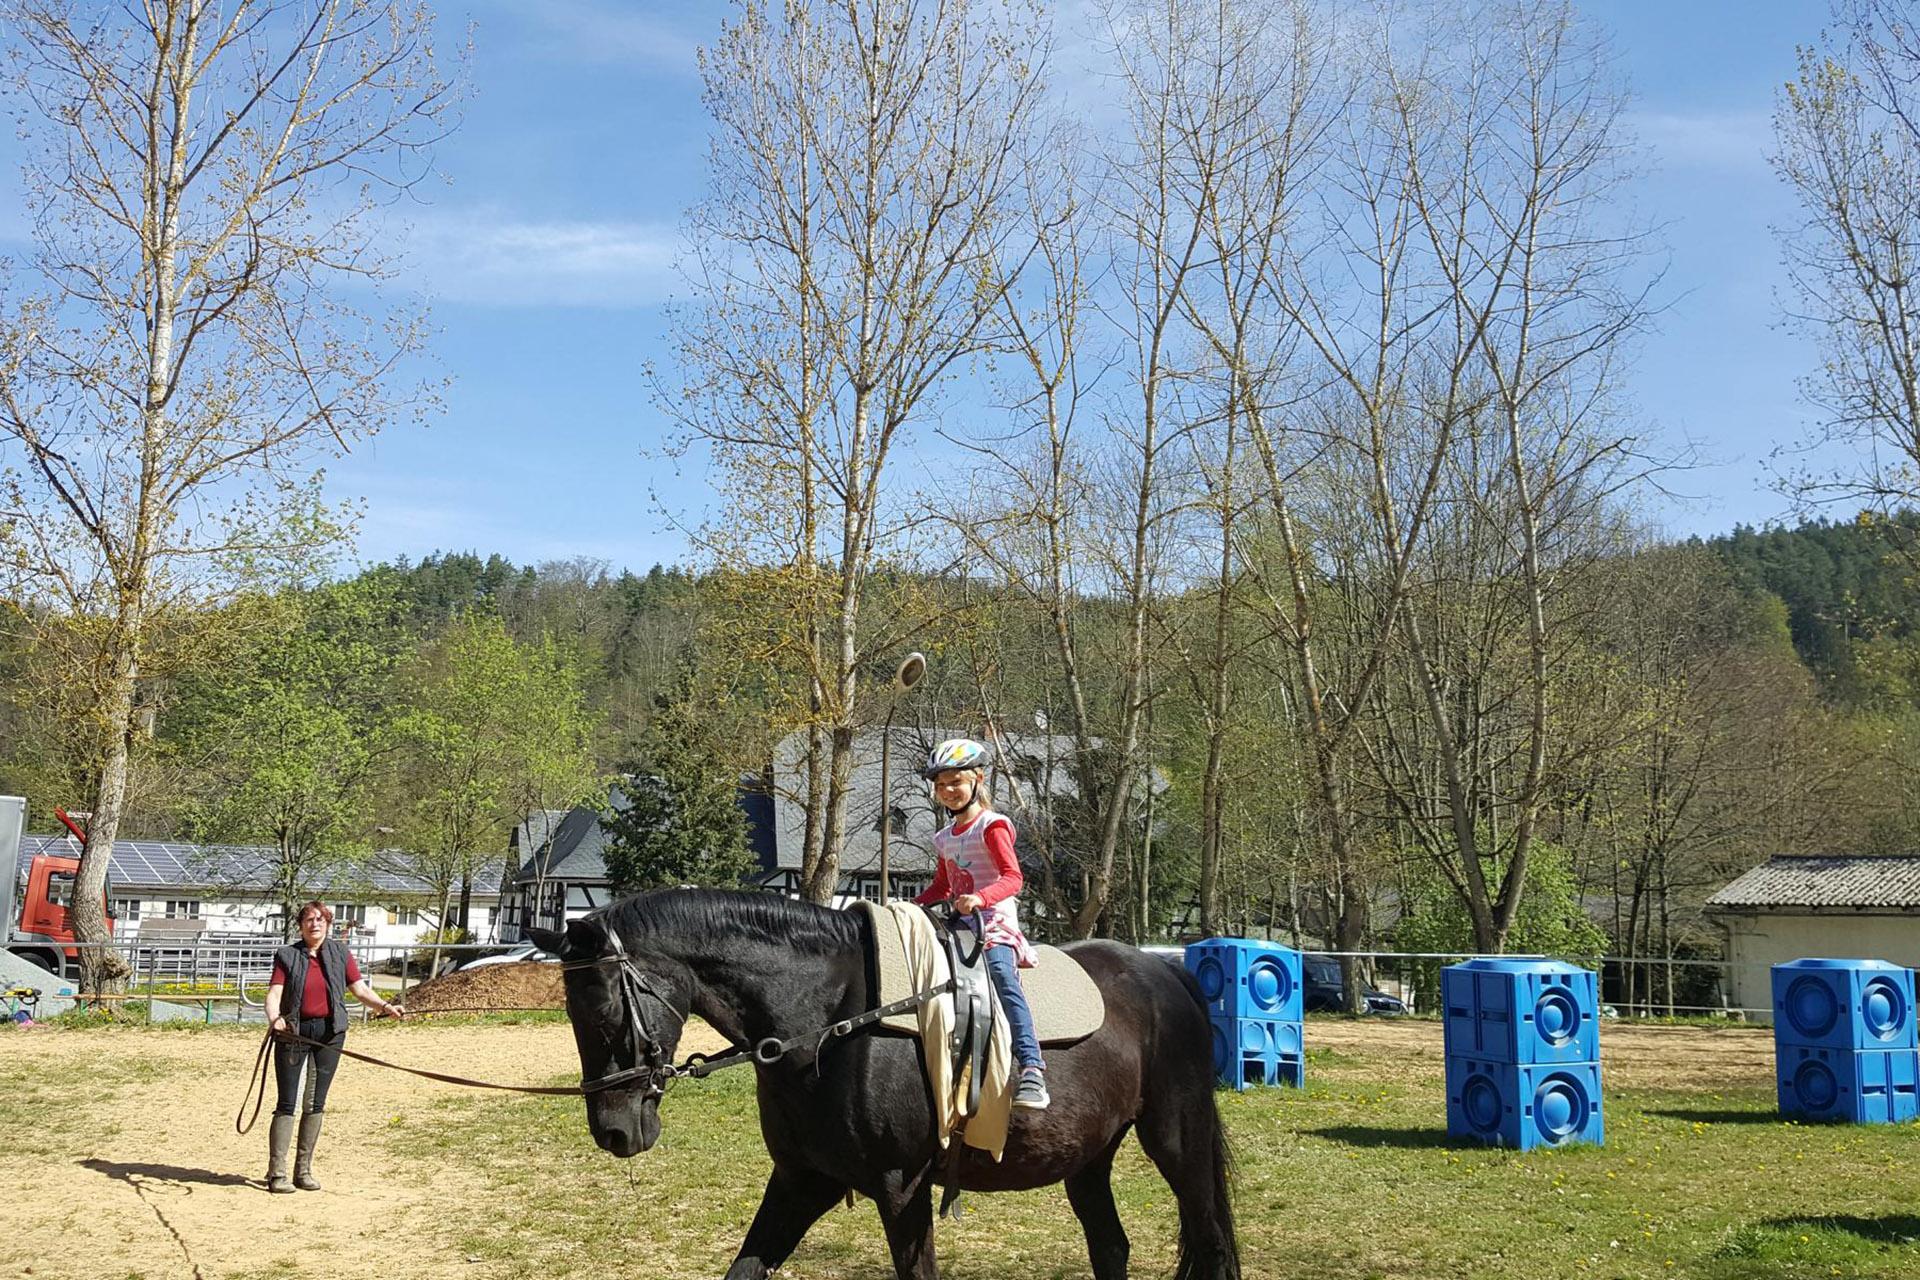 Rund 350 Jungen und Mädchen waren in den Osterferien dabei und erlebten gemeinsam mit der Kreissportjugend Greiz eine schöne Freizeitgestaltung.